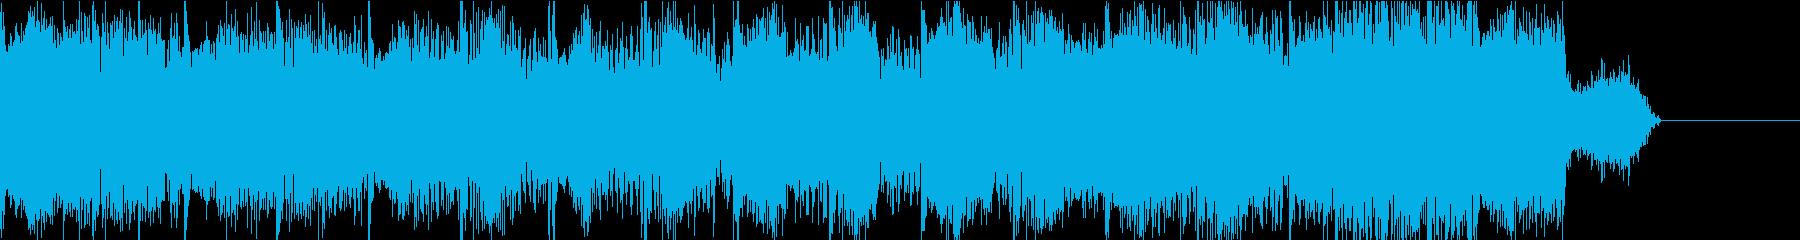 カッコイイUKハードコアテクノのジングルの再生済みの波形